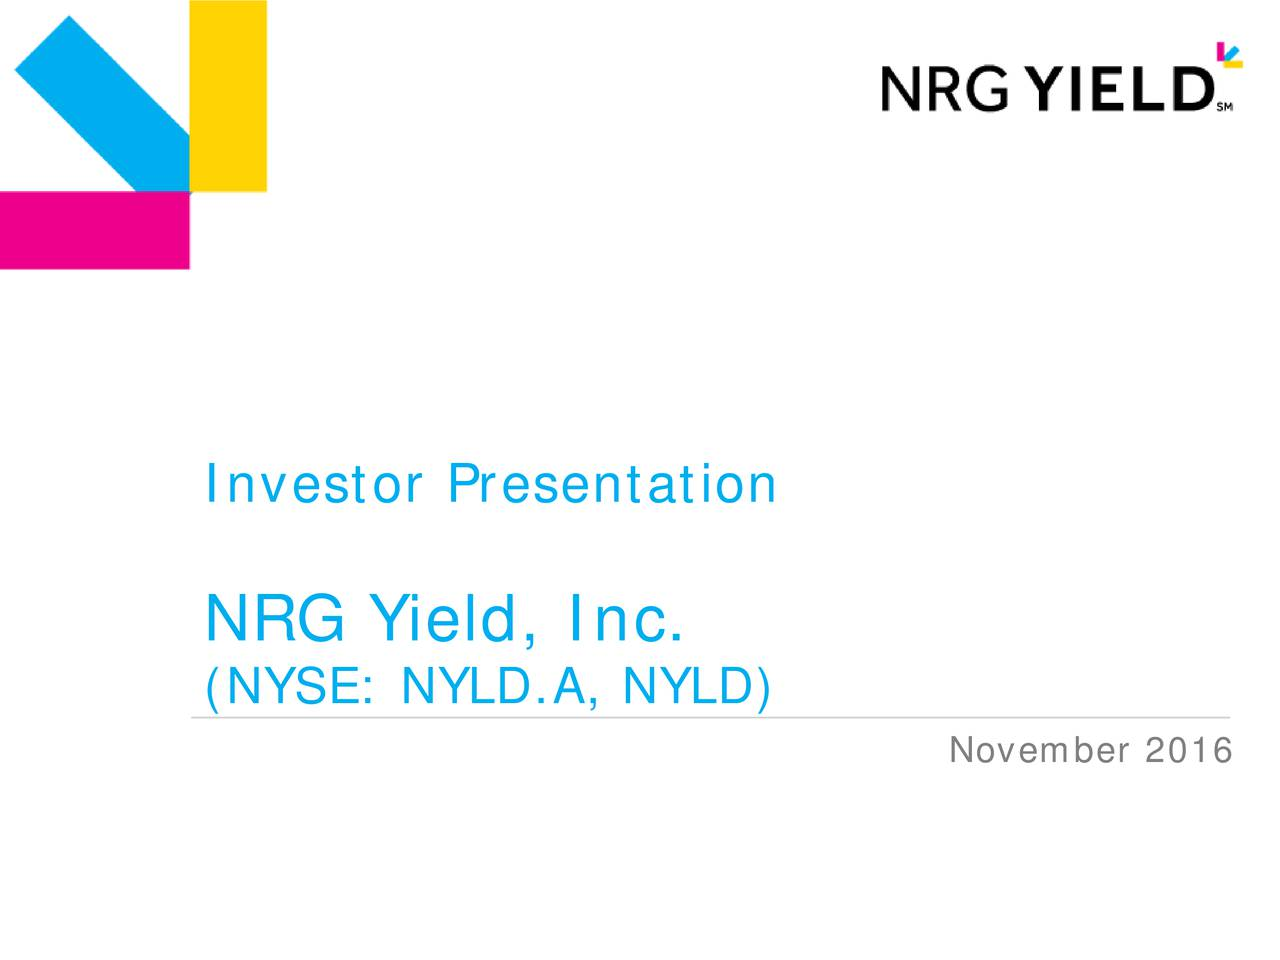 NRG Yield, Inc. (NYSE: NYLD.A, NYLD) November 2016